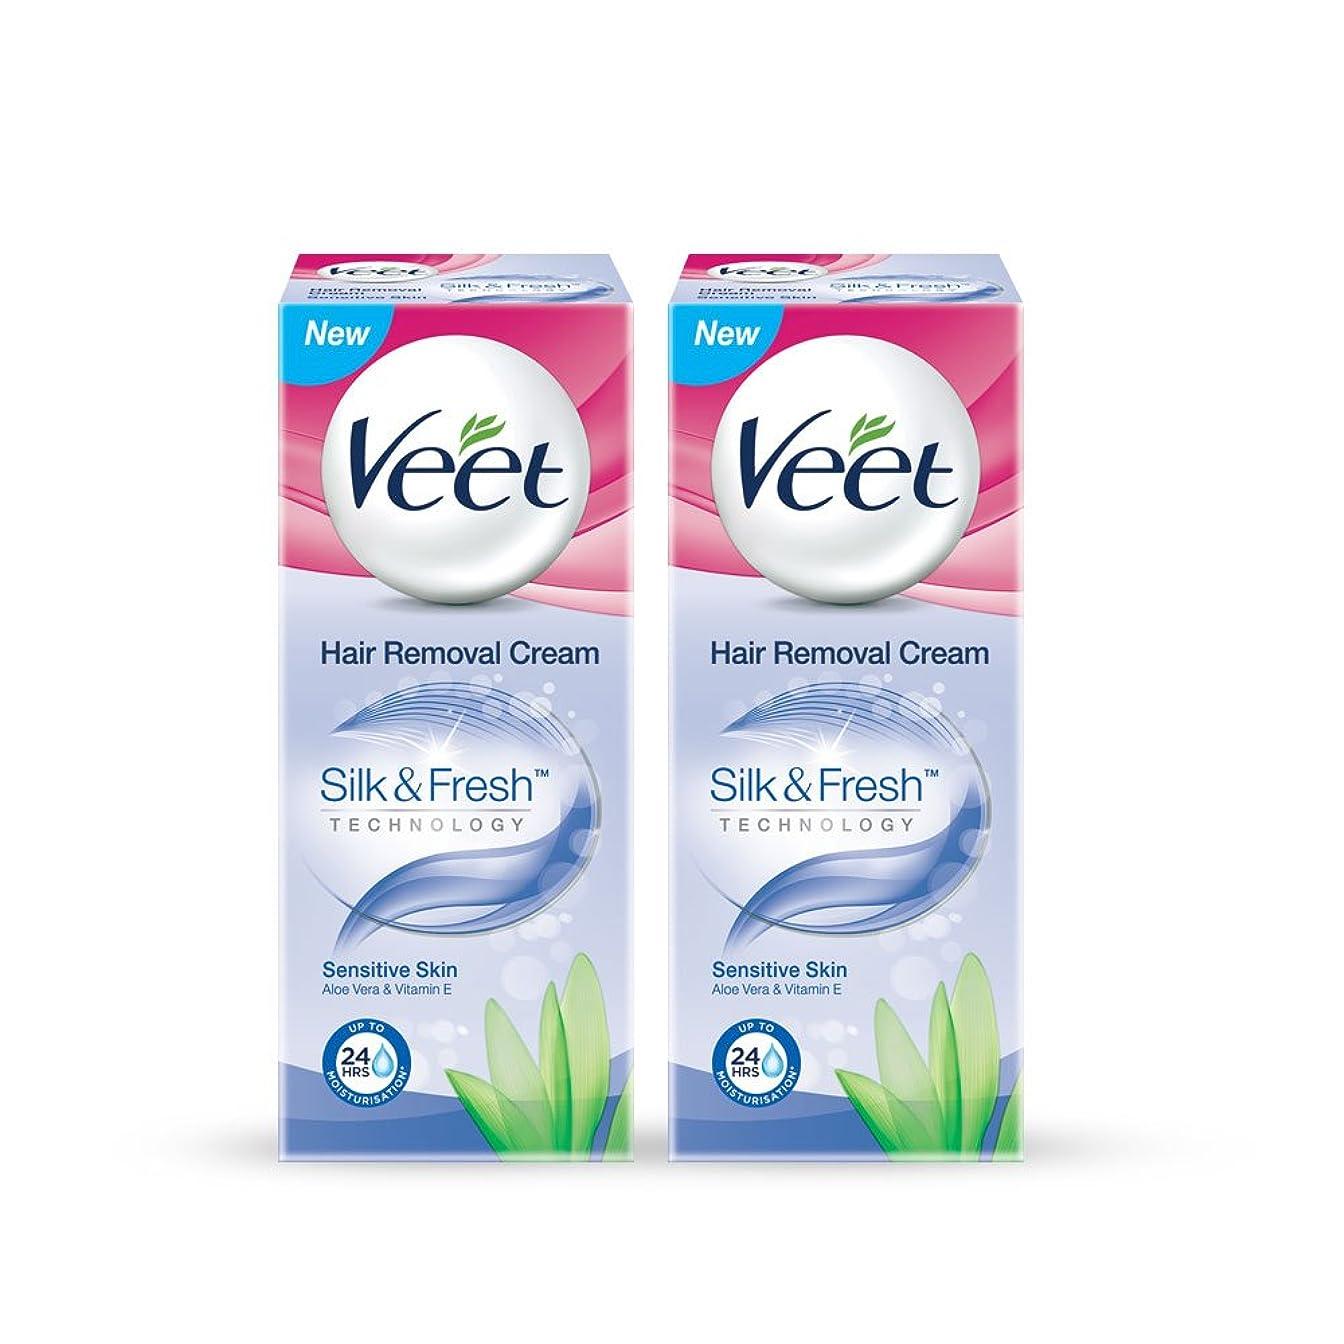 意外職業ネックレスVeet Hair Removal Gel Cream For Sensitive Skin With Aloe Vera and Vitamin E 25 g (Pack of 2)